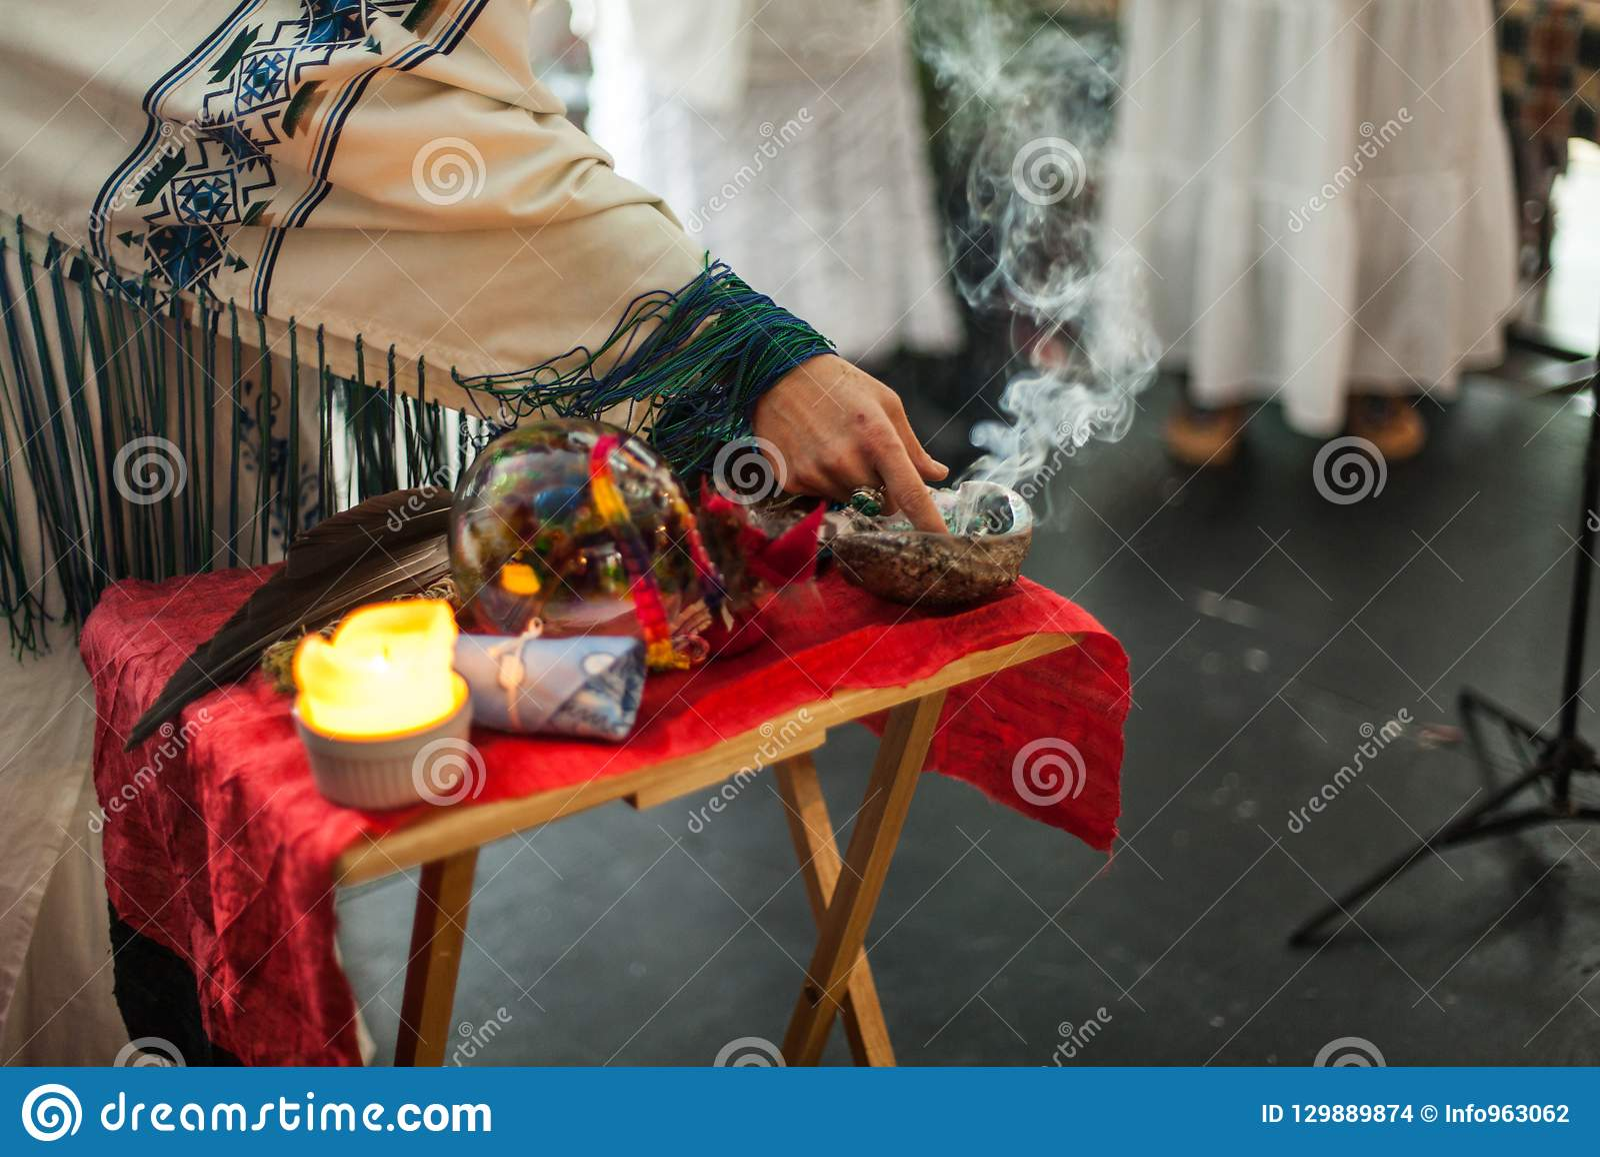 Kvinnan i ceremoniell ämbetsdräkt trycker på röka vis man